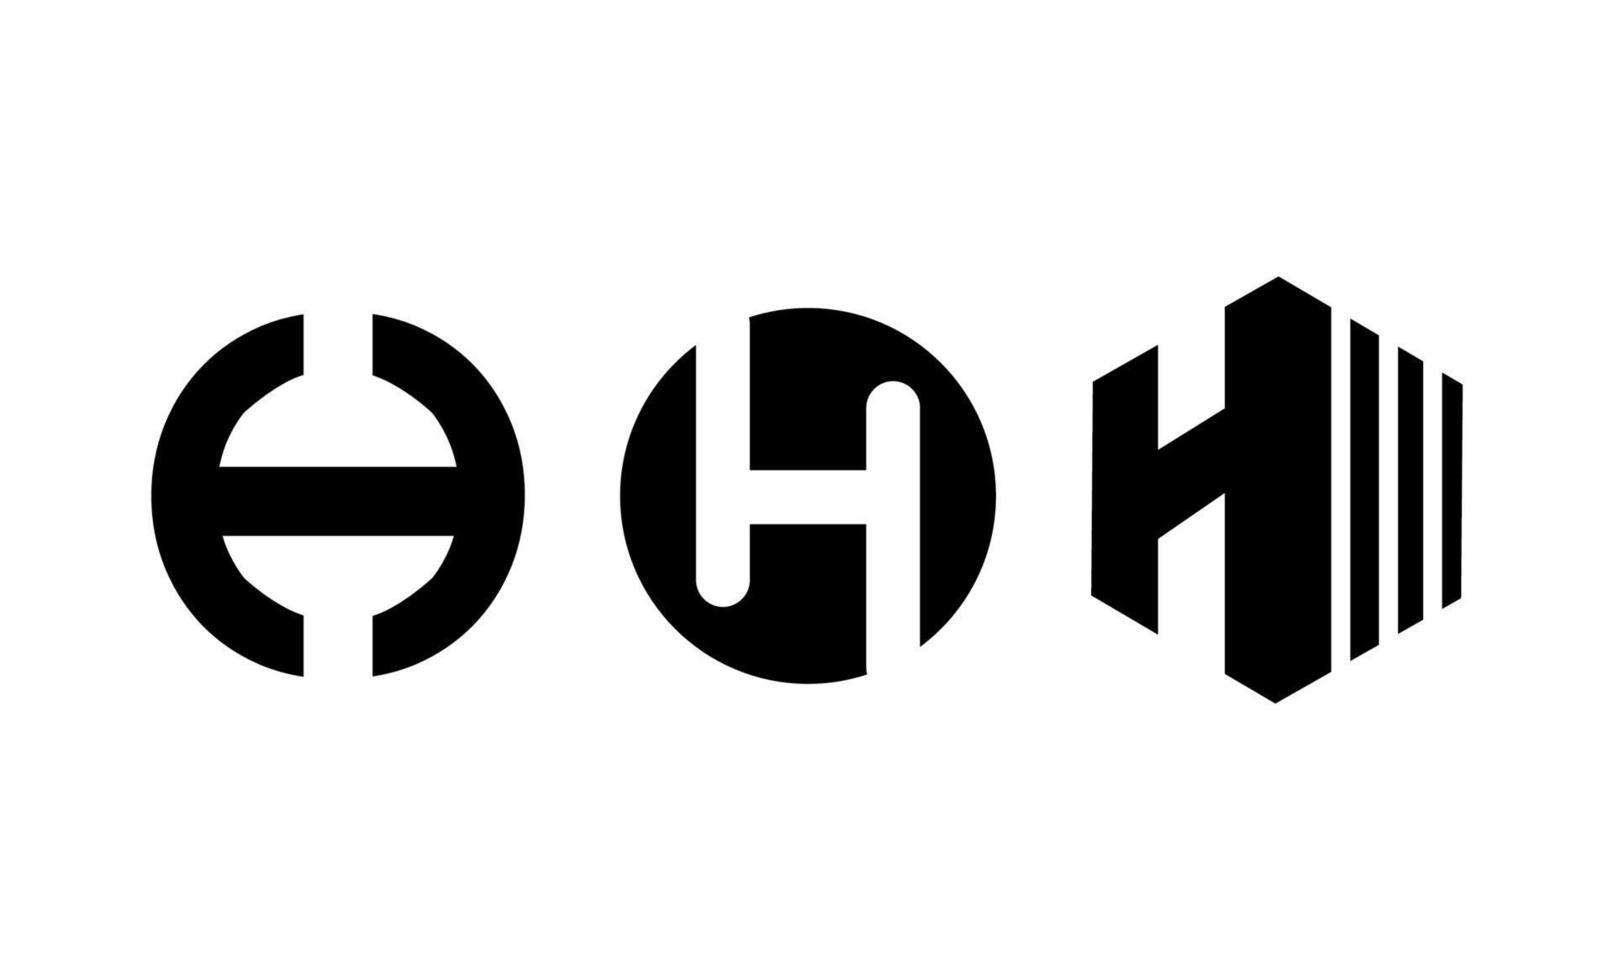 lettera iniziale h monogramma logo design vettore